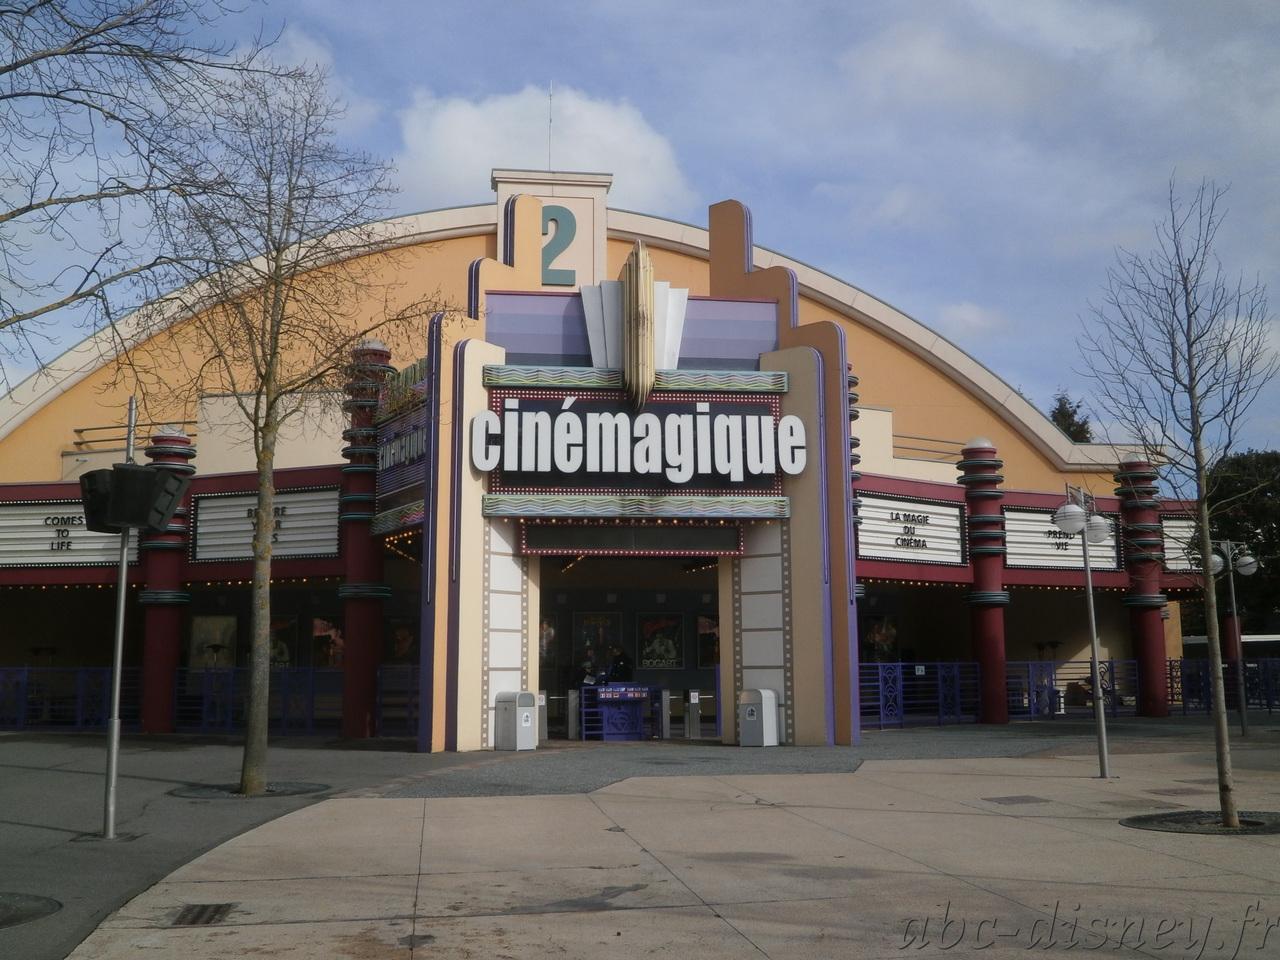 A cinémagique 5